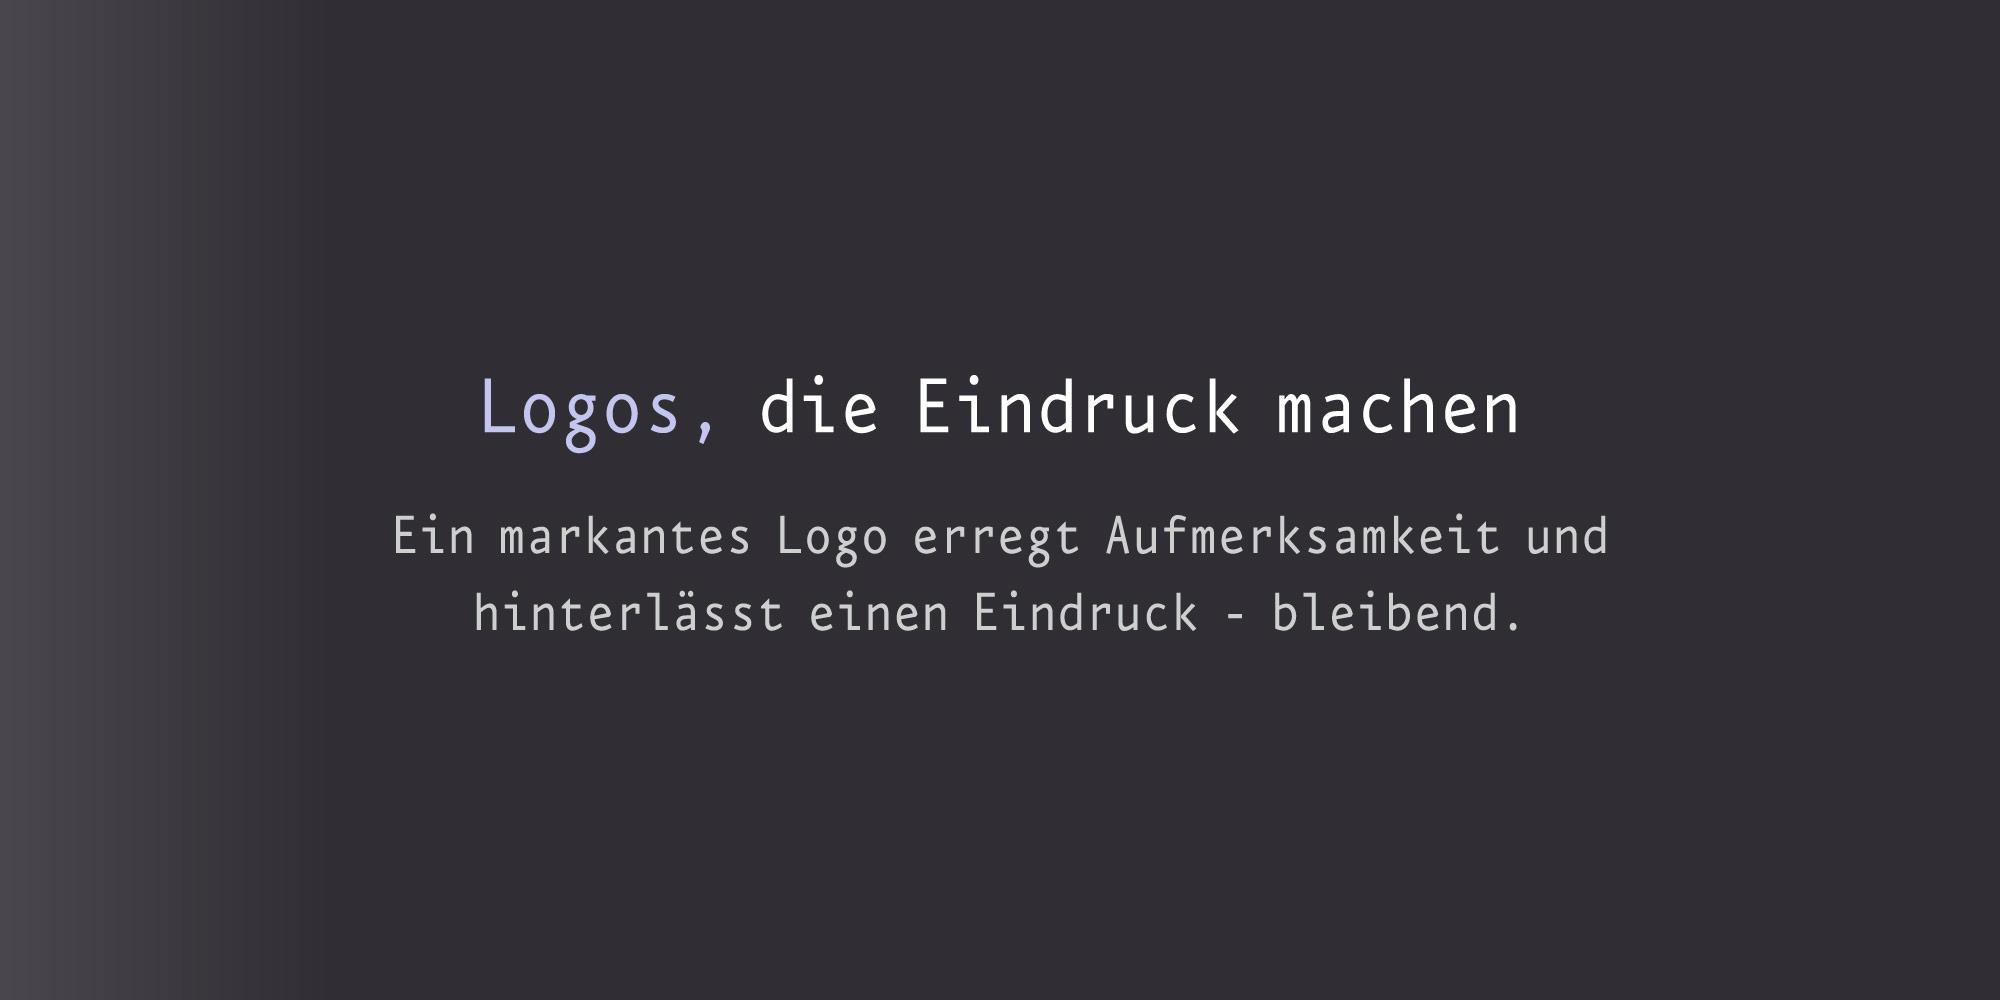 Designer für Signets die Eindruck machen